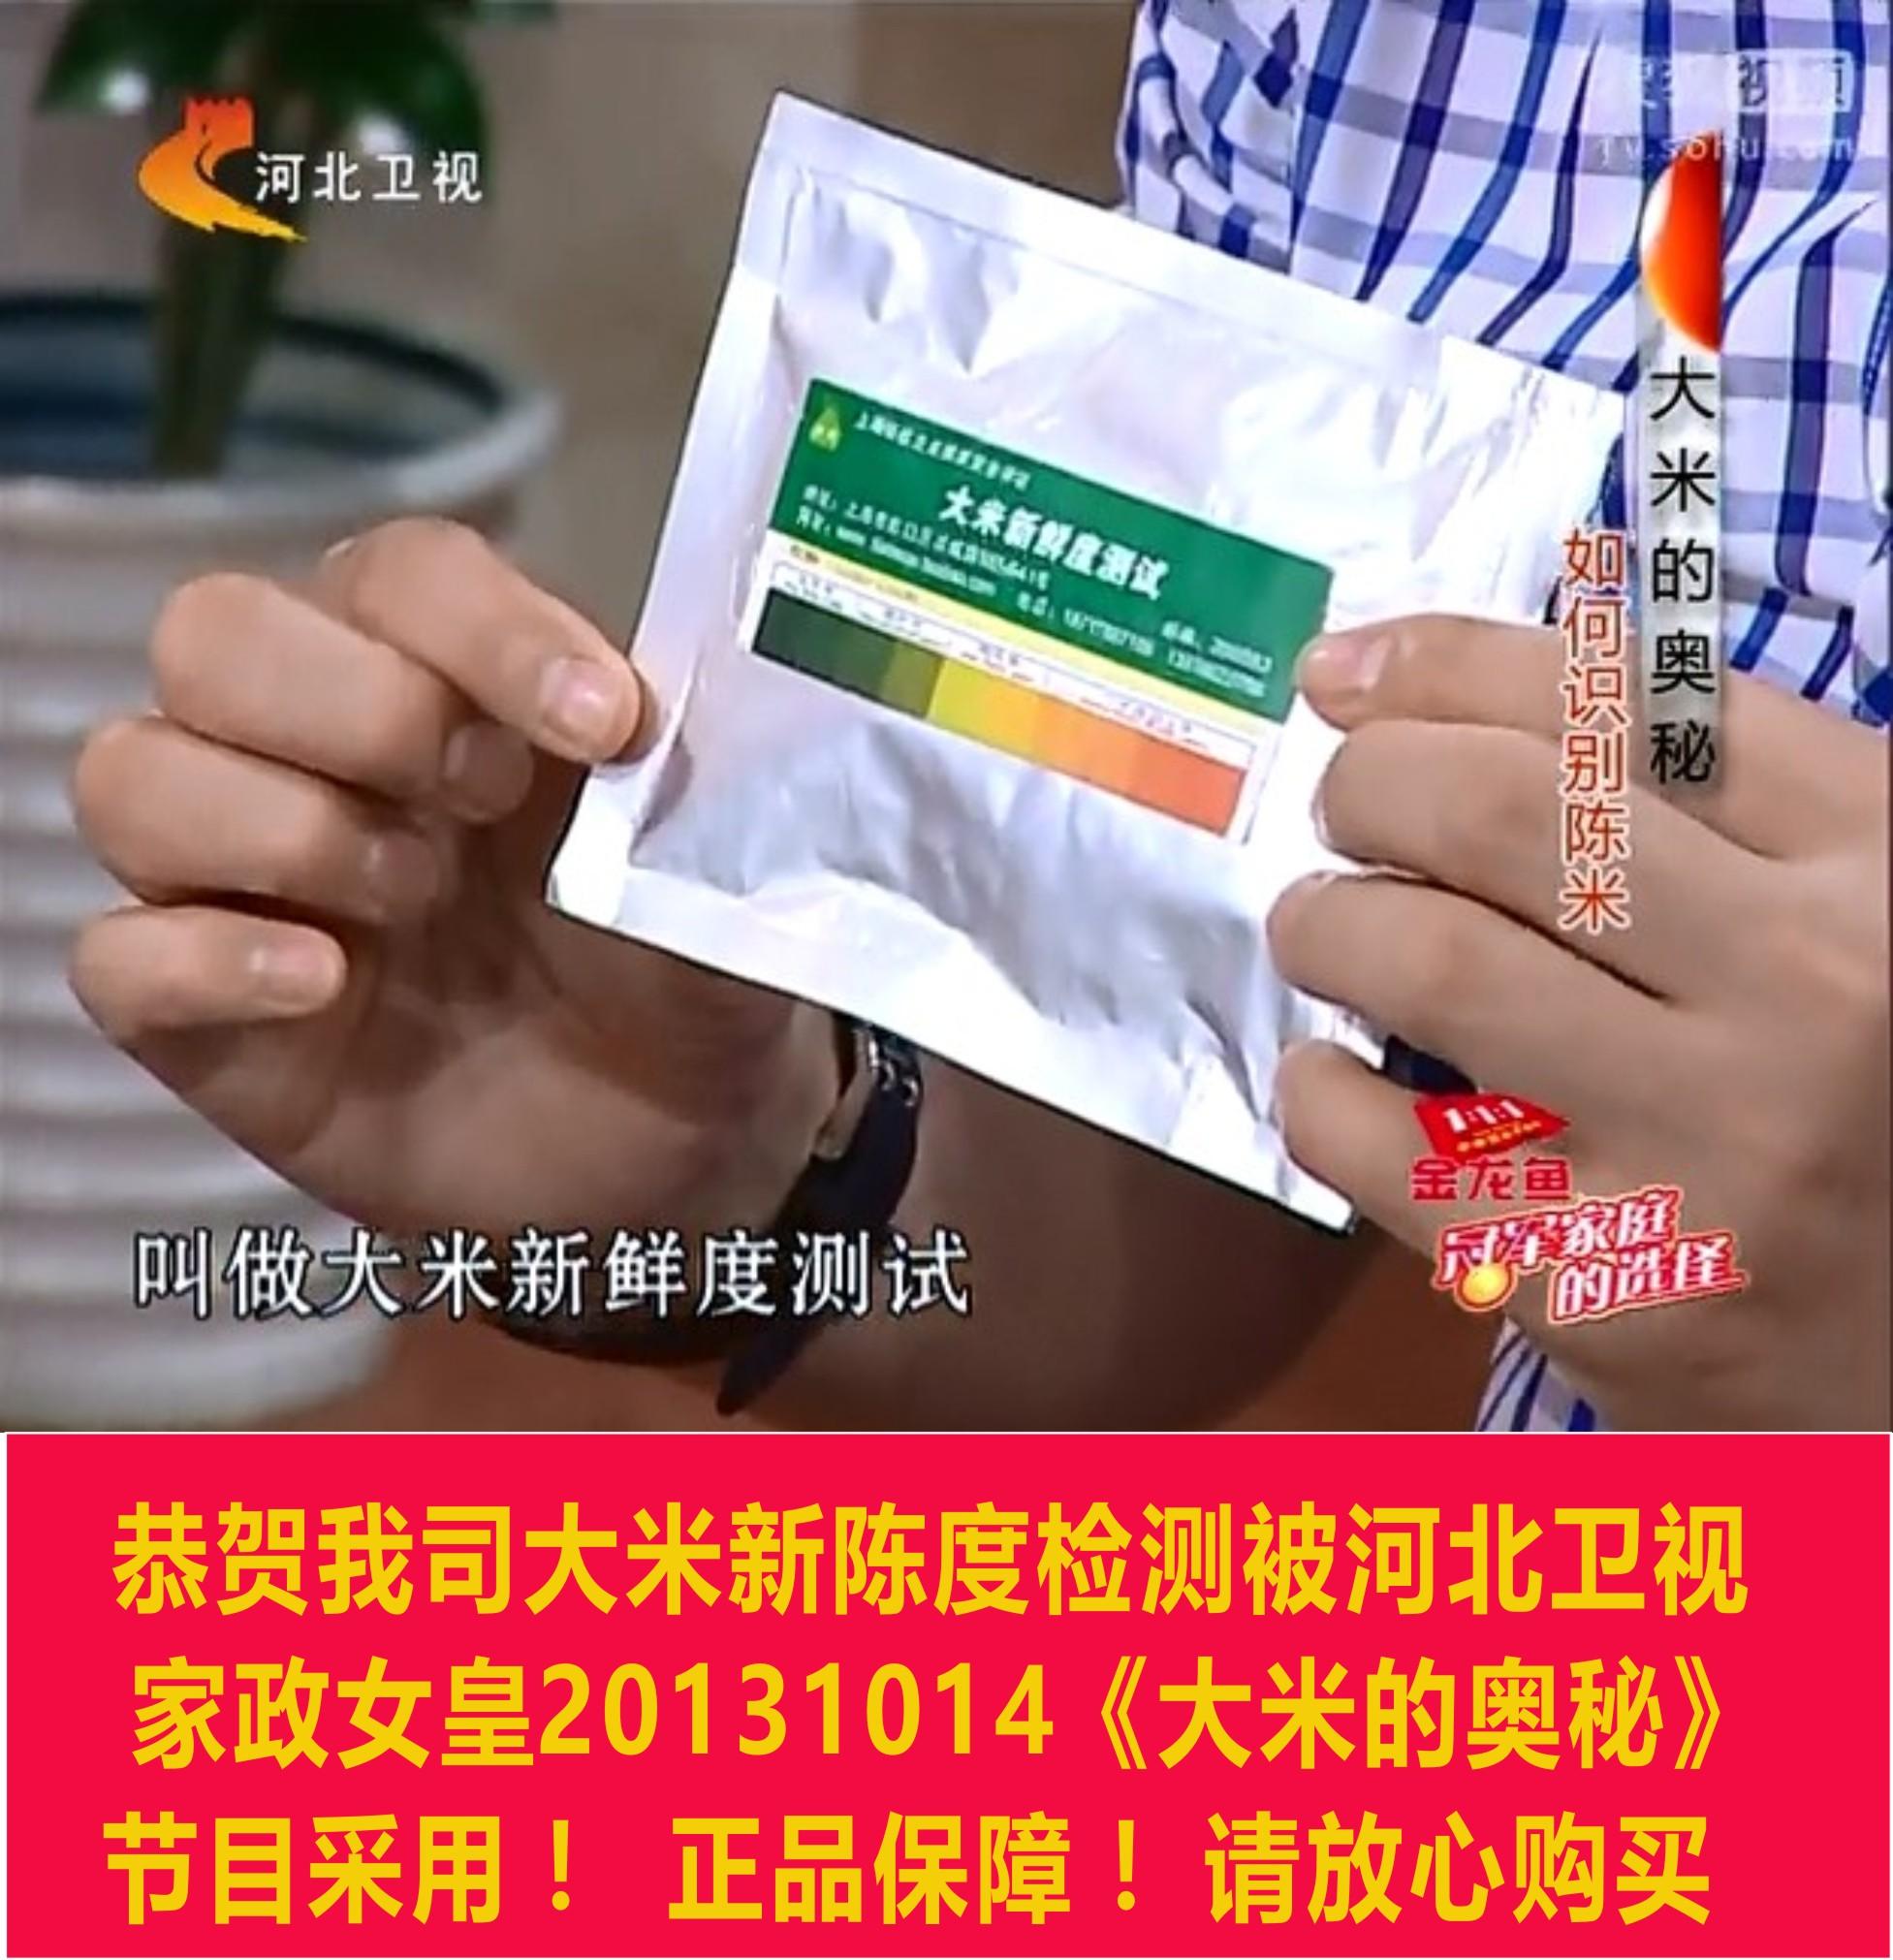 大米新陈度检测试剂盒大米新鲜度快速检测试/陈化粮检测试纸10次